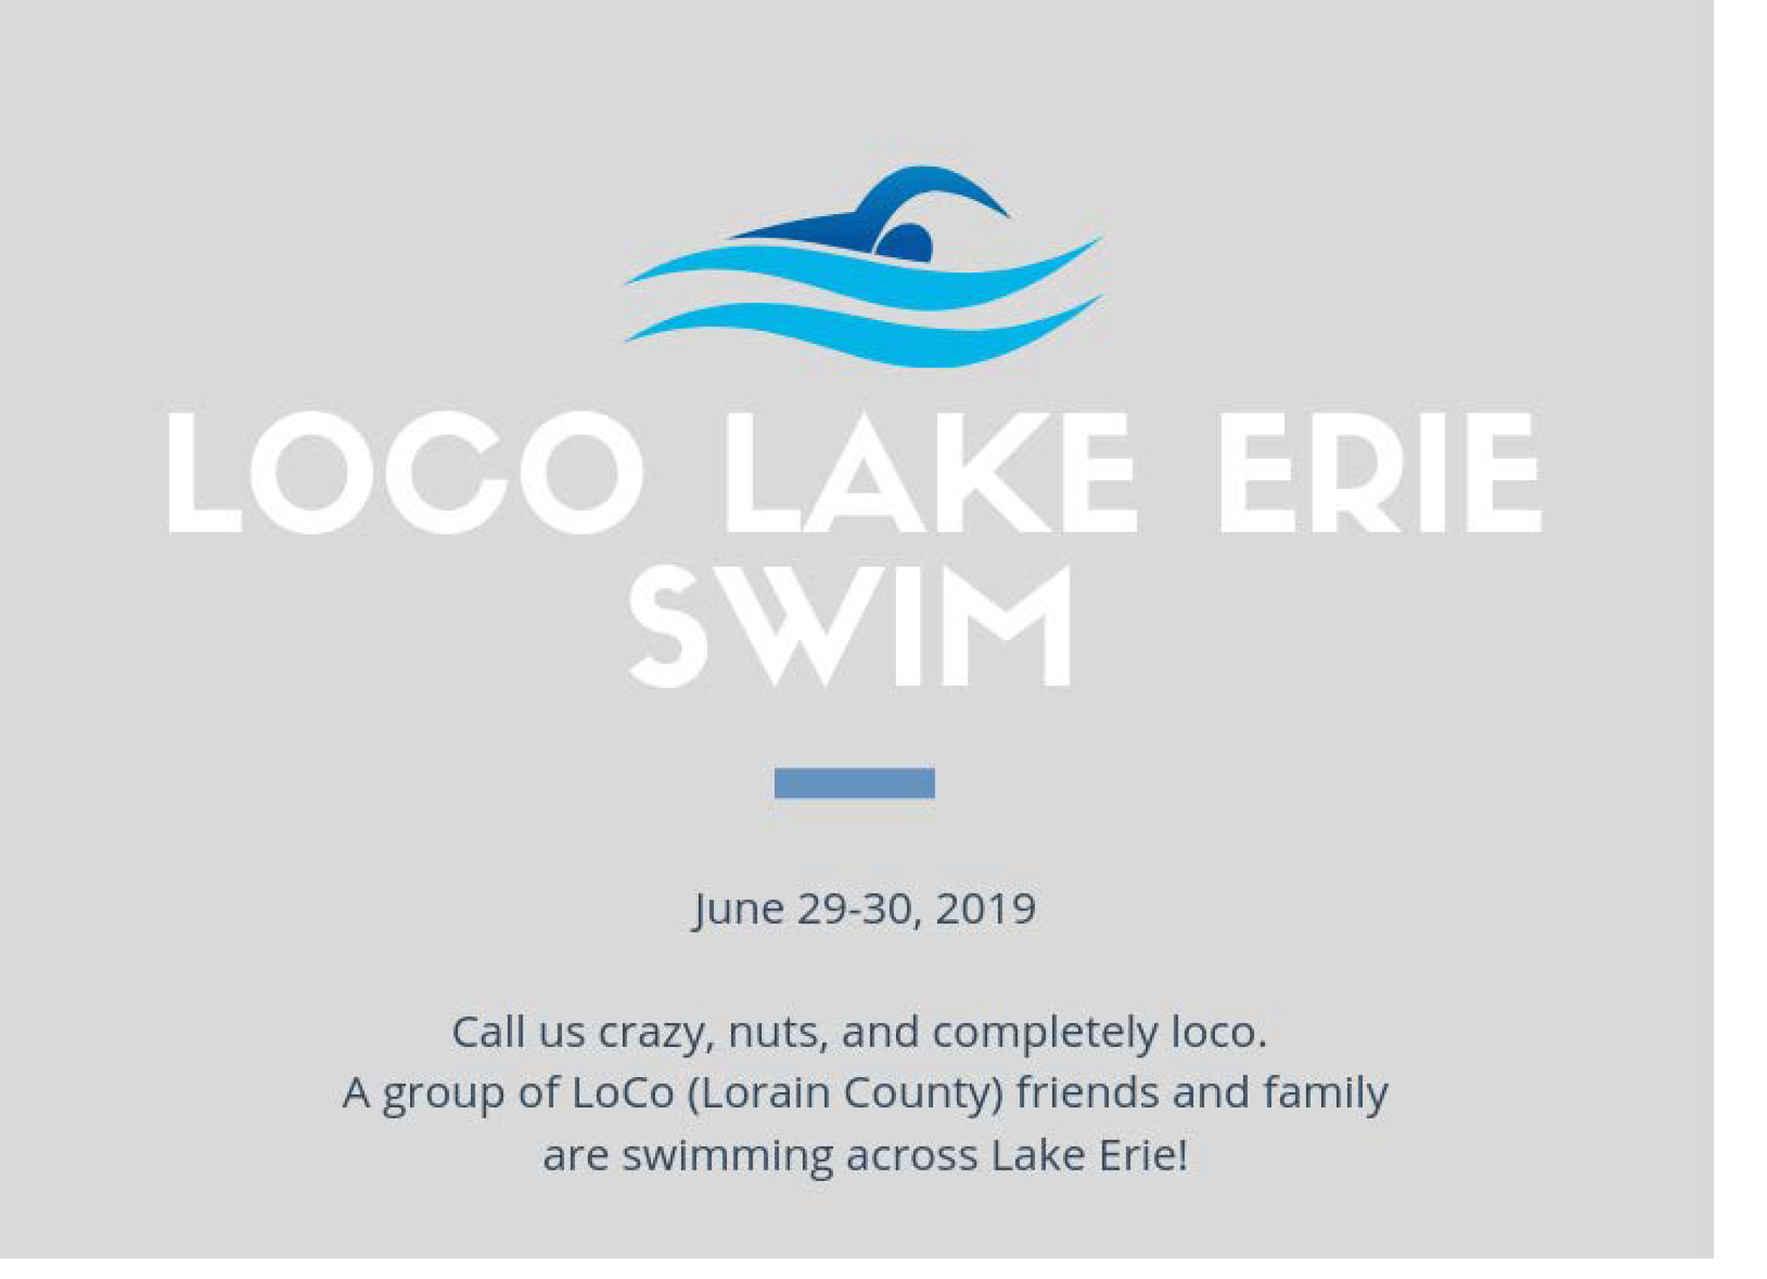 LoCo Lake Erie Swim image